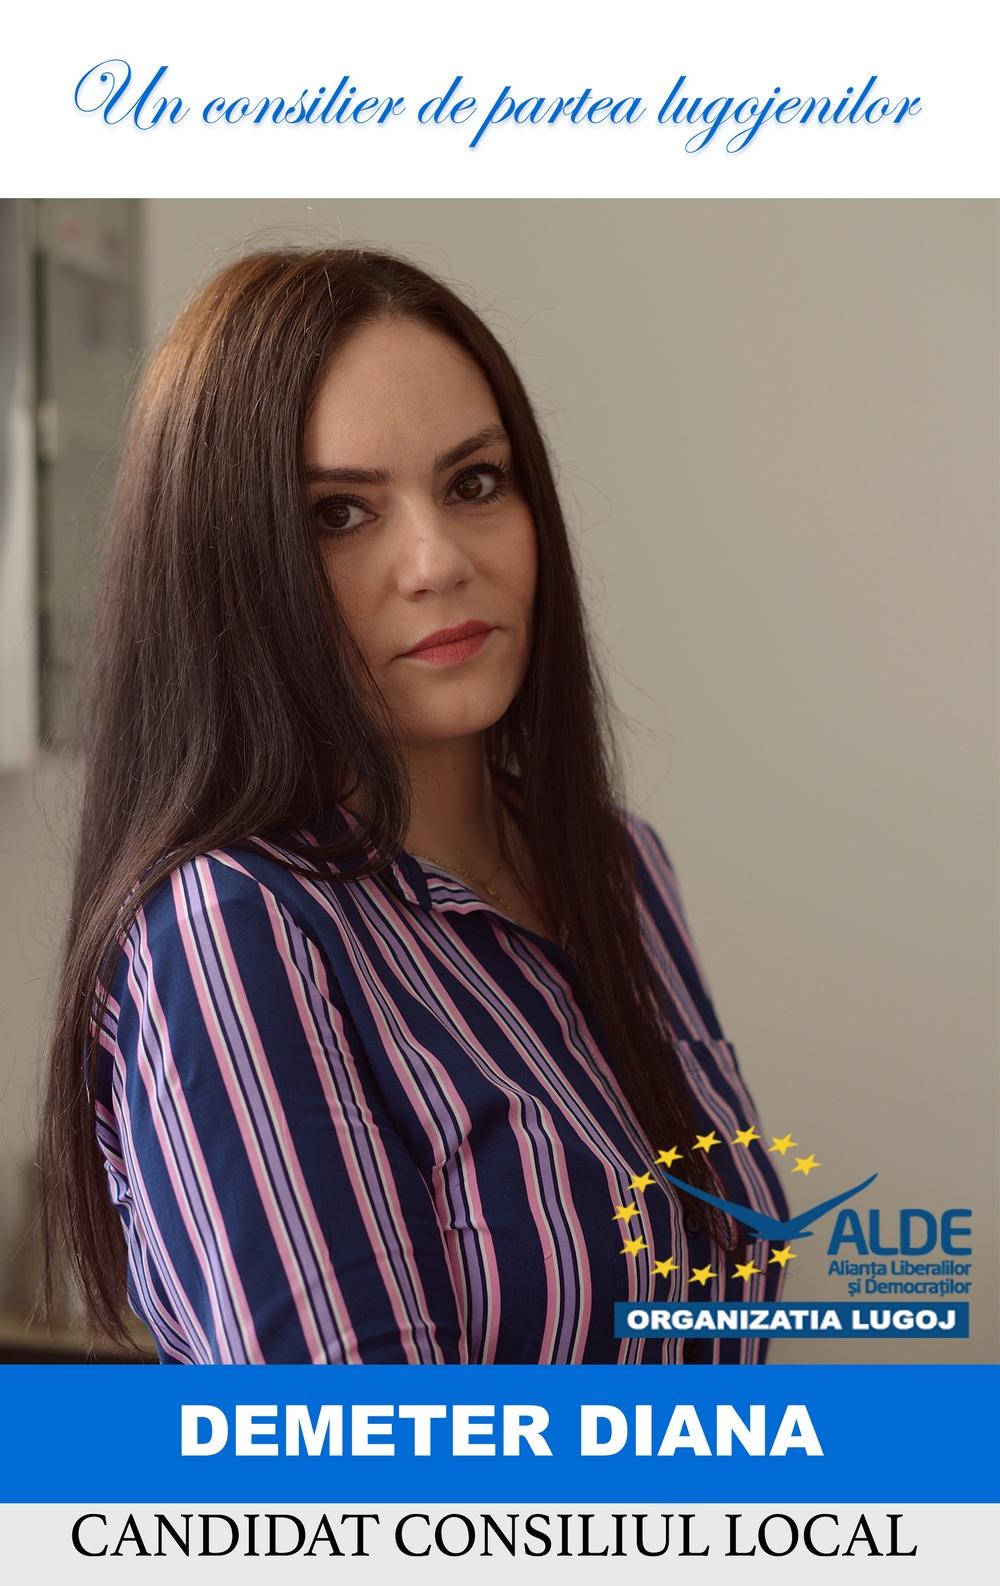 Lugoj Expres De partea lugojenilor, de partea sănătății! (P) Spitalul Municipal Lugoj serviciul medical sănătate Dr. Diana Demeter chirurgie maxilo-facială cabinete stomatologice ALDE